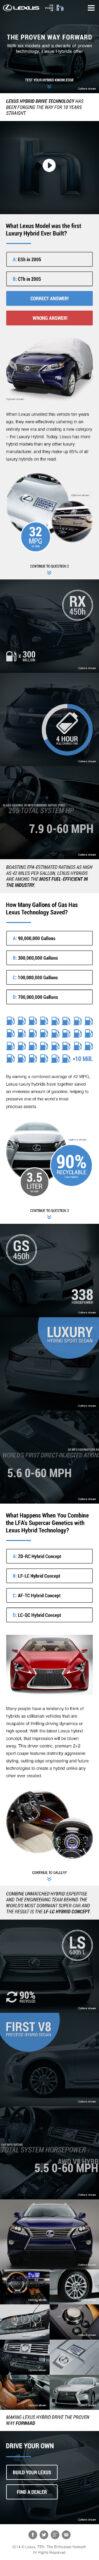 Lexus-2-Mobile-v2